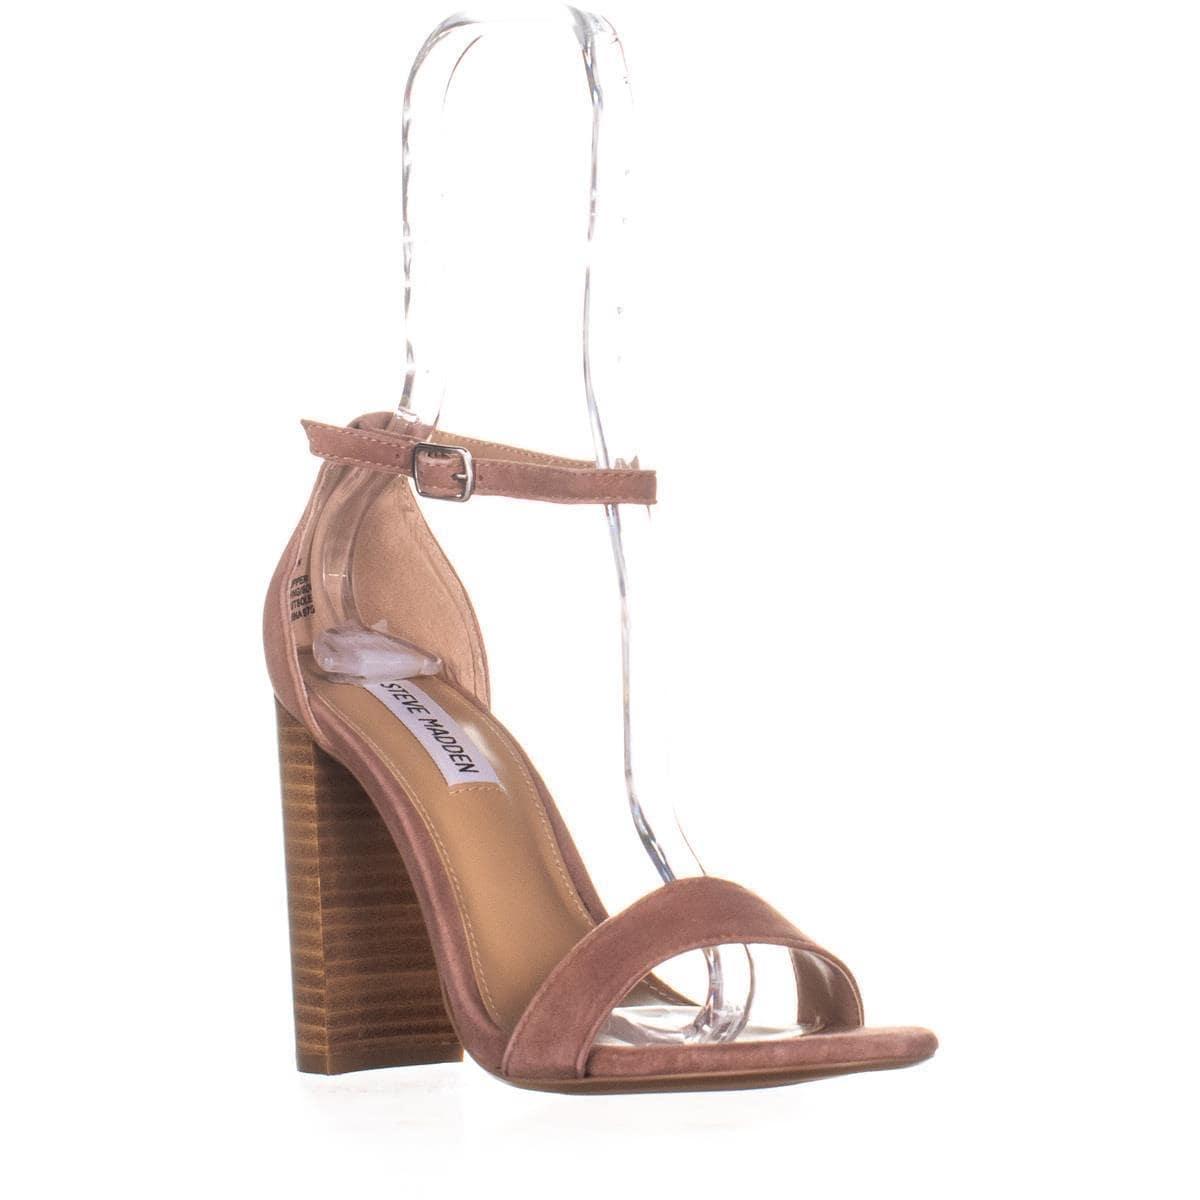 501722eb555 Buy Steve Madden Women s Heels Online at Overstock